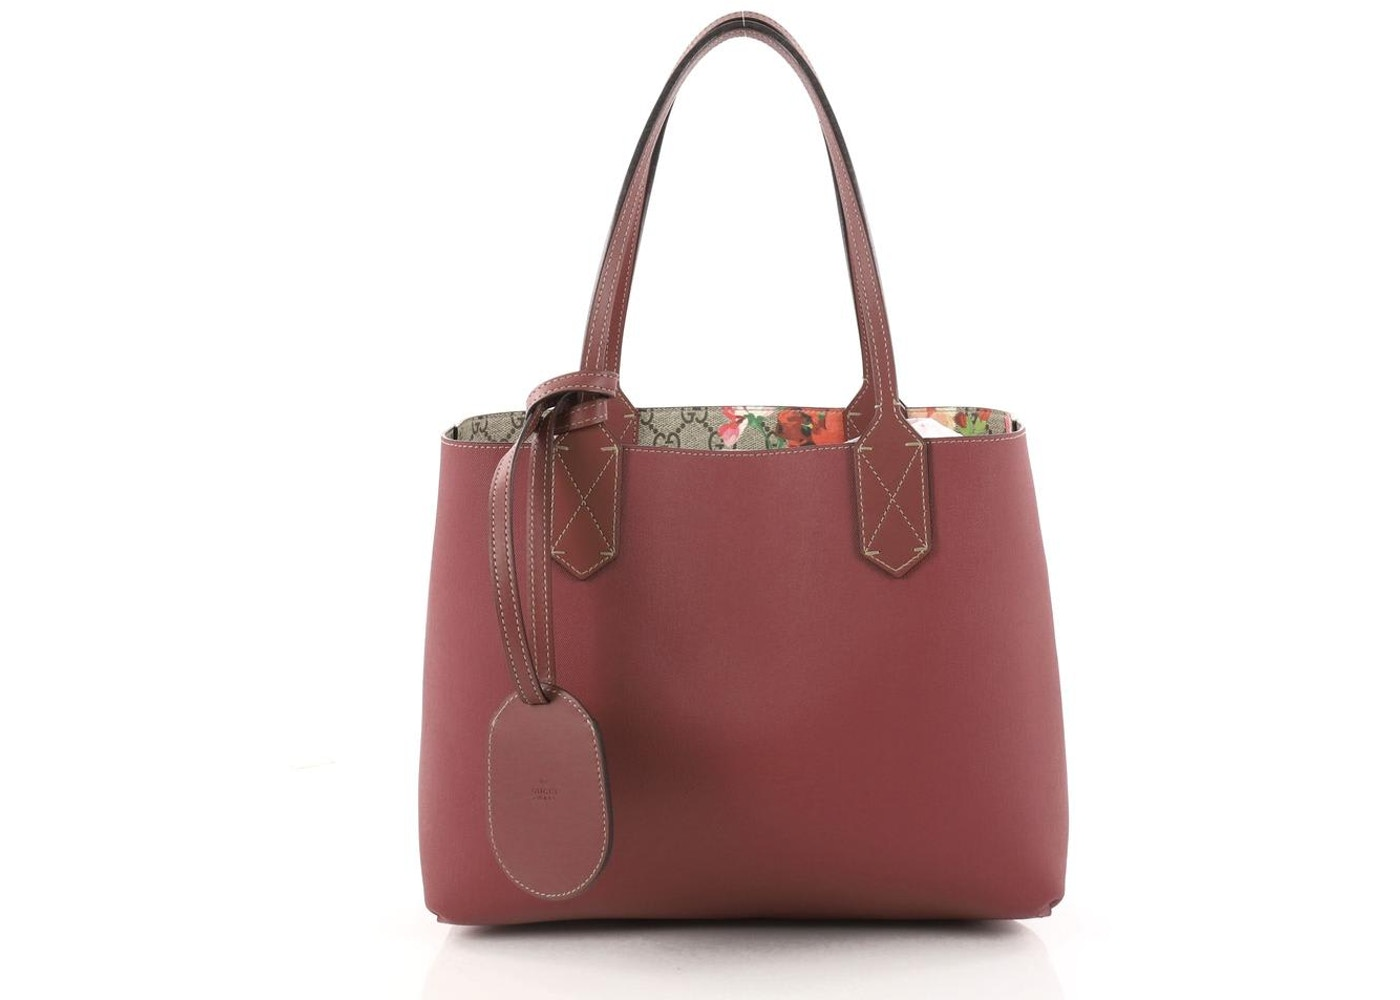 90ddc3188a2 Buy   Sell Gucci Collectors Handbags